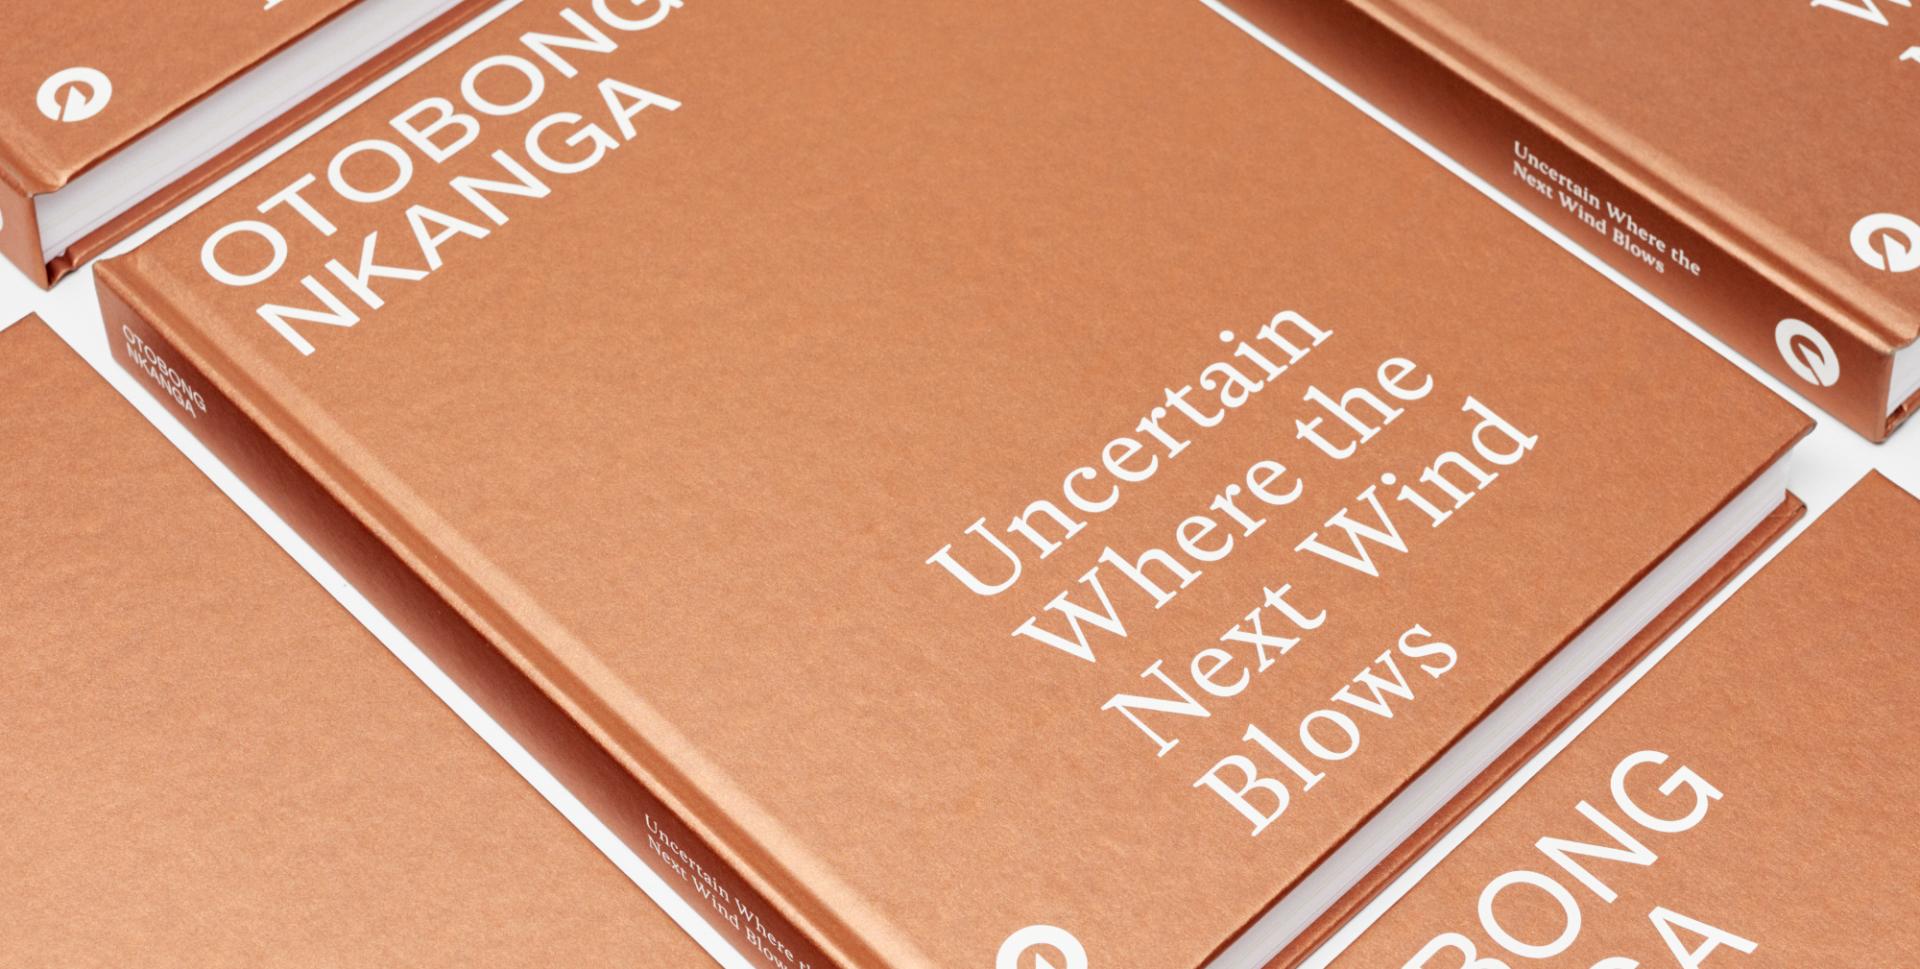 Otobong Nkanga: Uncertain Where the Next Wind Blows